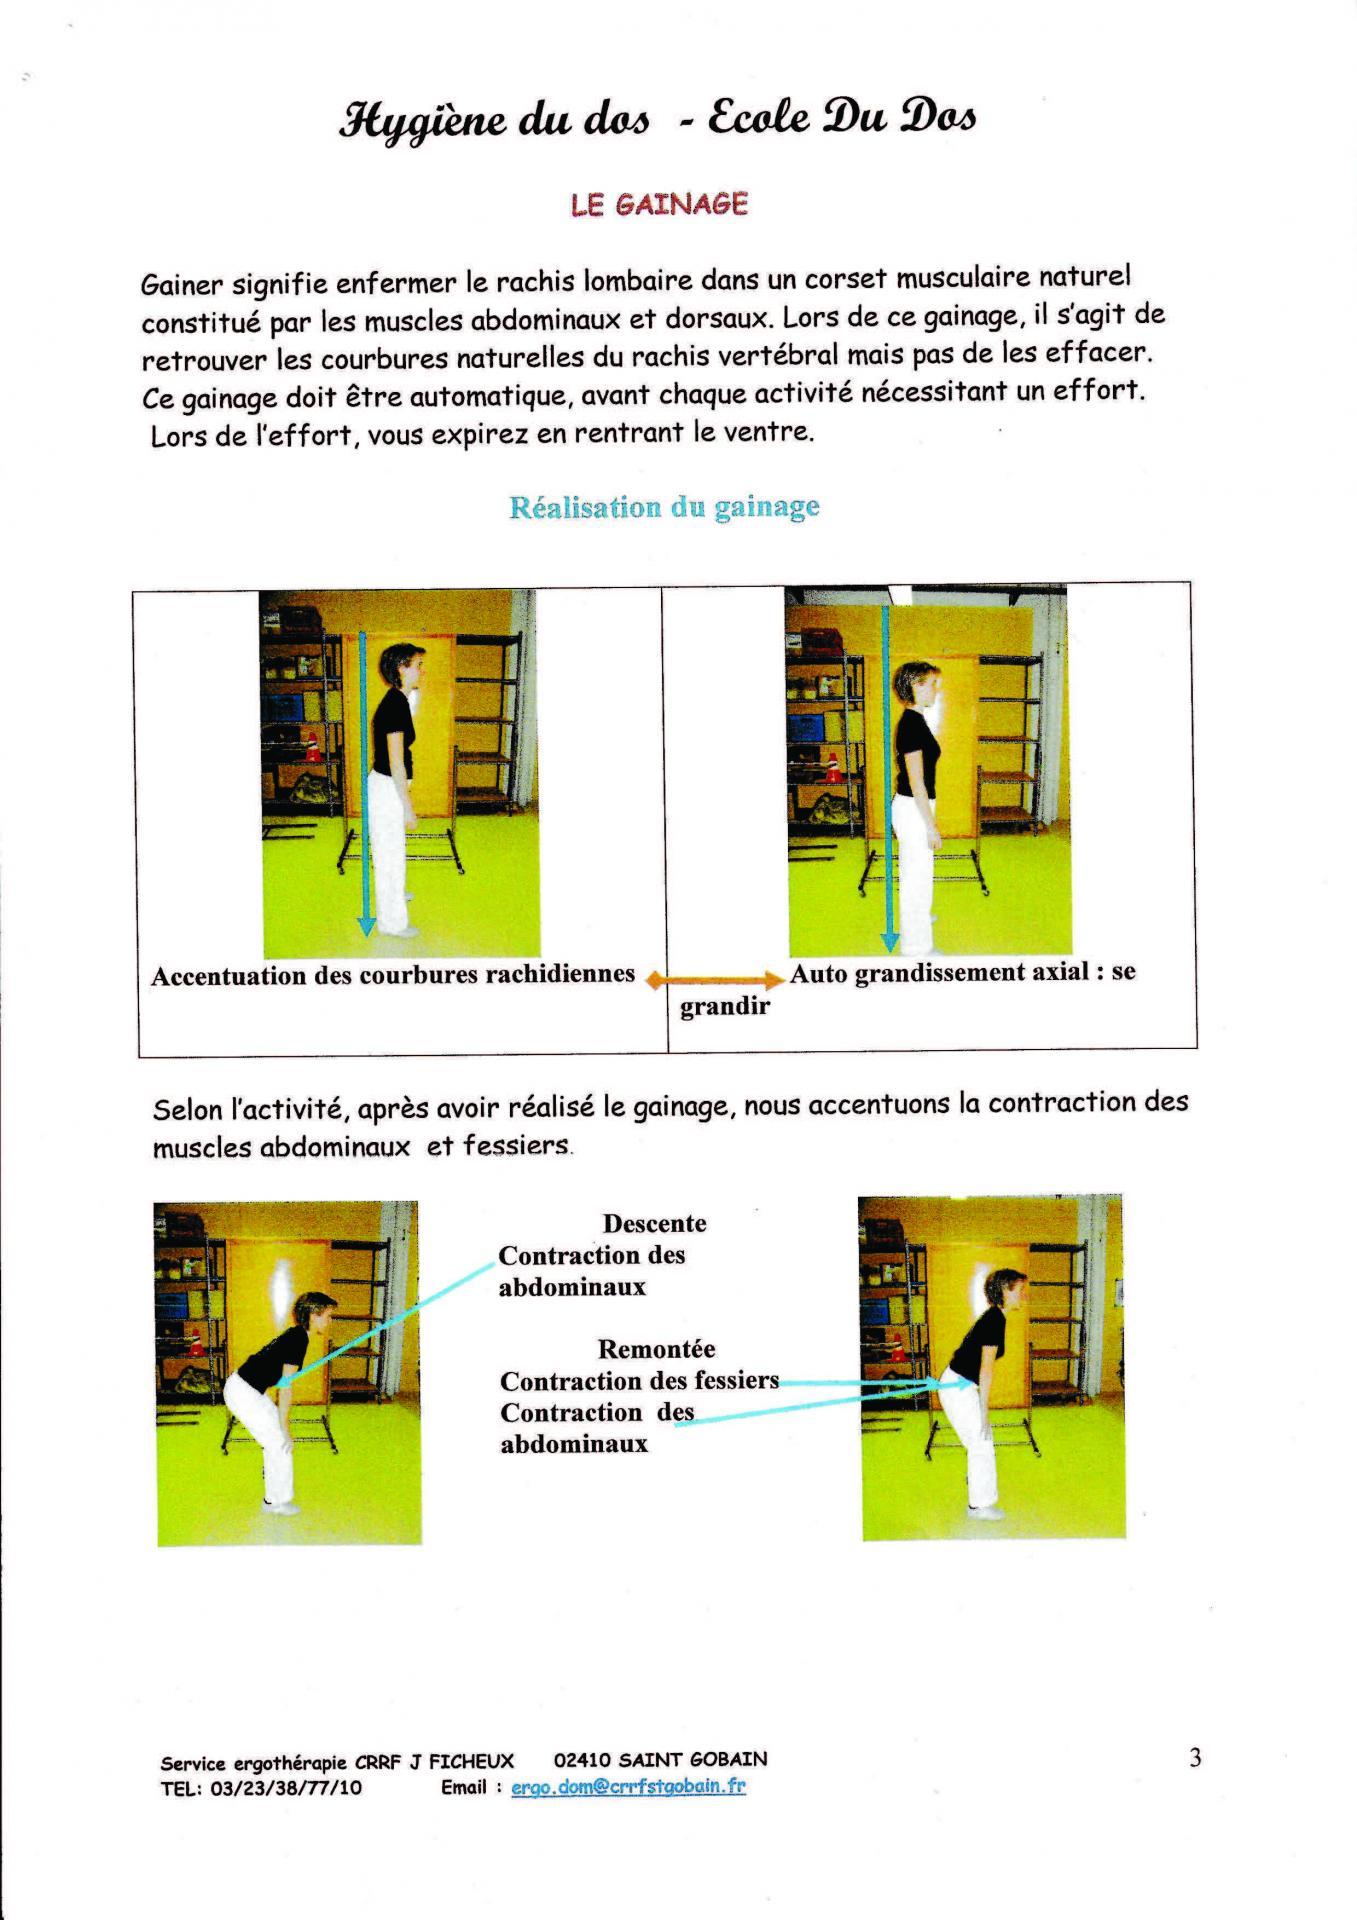 Ecole du dos pdfbis page 03